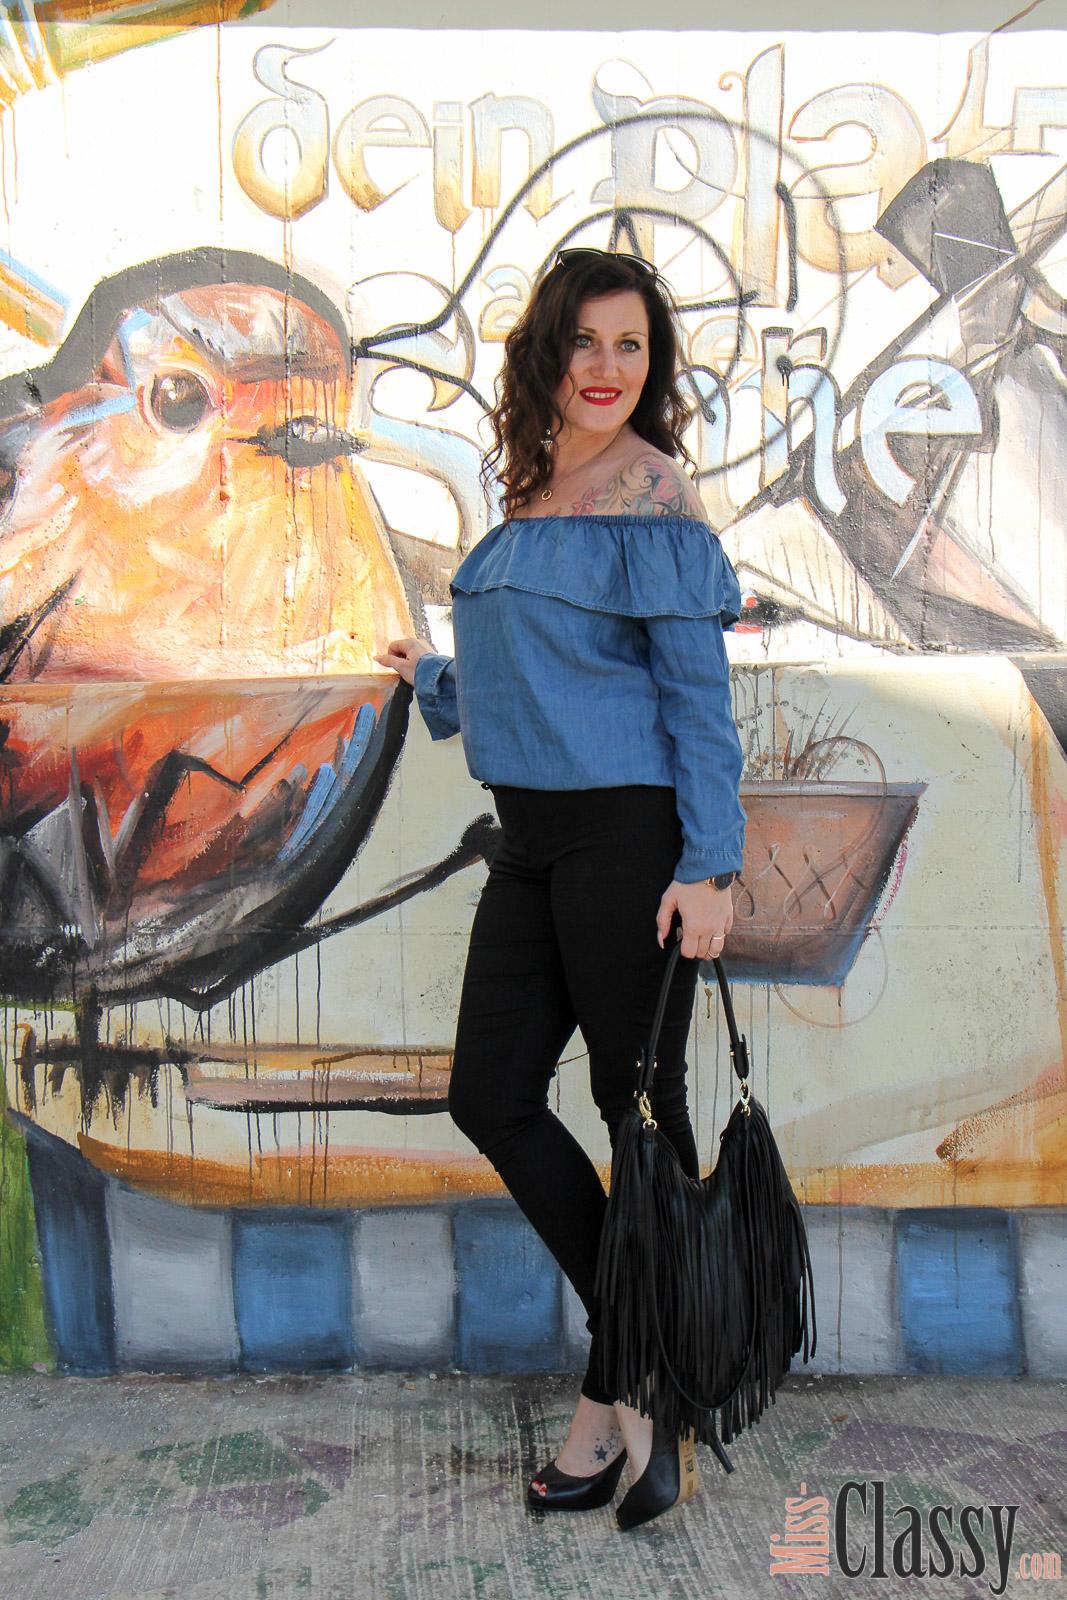 OUTFIT Off-Shoulder Denimbluse von H&M am Citybeach Graz, Miss Classy, miss-classy.com, Fashionblog, Fashionblogger, Fashionblog Graz, Lifestyleblog Graz, Graz, Steiermark, Österreich, classy, beclassy, classy Fashion, Outfit, Style, Fashion, Mode, OOTD, Lippenstift MAC, MAC Life's Blood, MAC Cosmetics, Fransentasche H&M, Sonnenbrille Burberry, Off-Shoulder Denimbluse, Mur, Murpromenade, Peep-Toes, High Heels, Humanic, Citybeach Graz, Der Grazer Stadtstrand, Graffiti